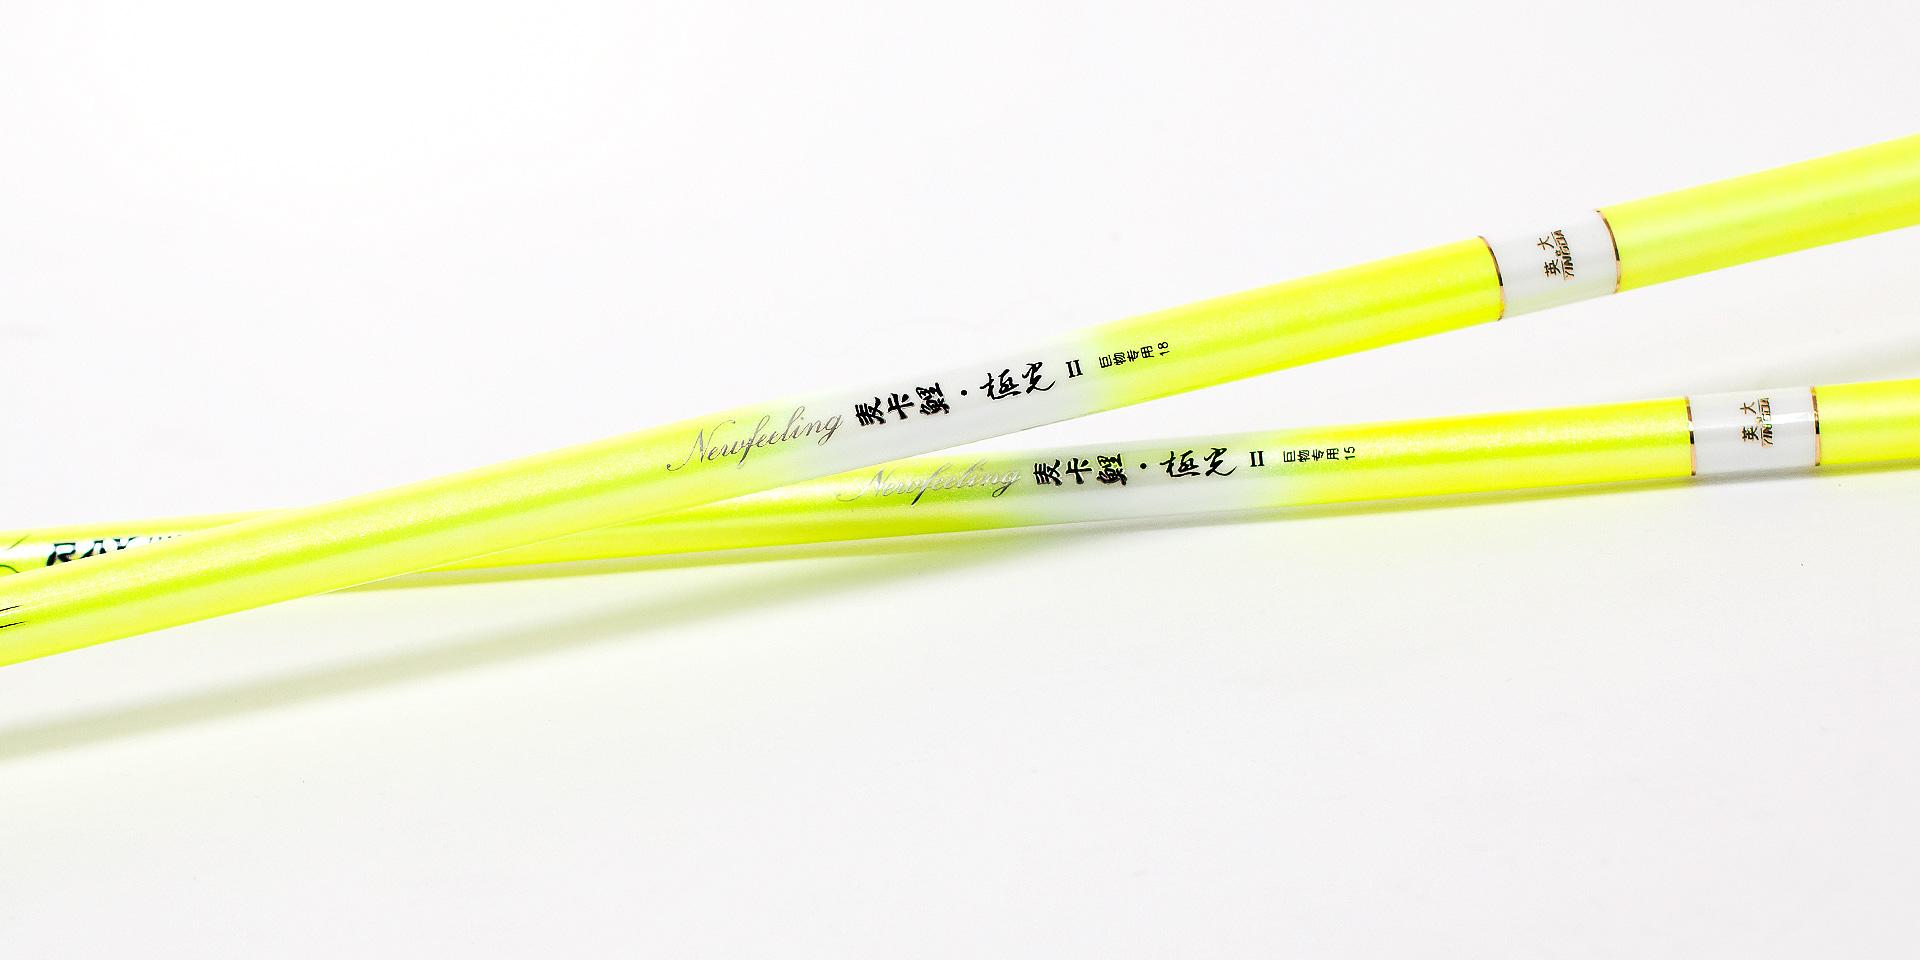 竿身涂装设计以RAY为主题元素,搭配若草色闪金包裹整个竿体,简约时尚、又显清新靓丽的华贵气质